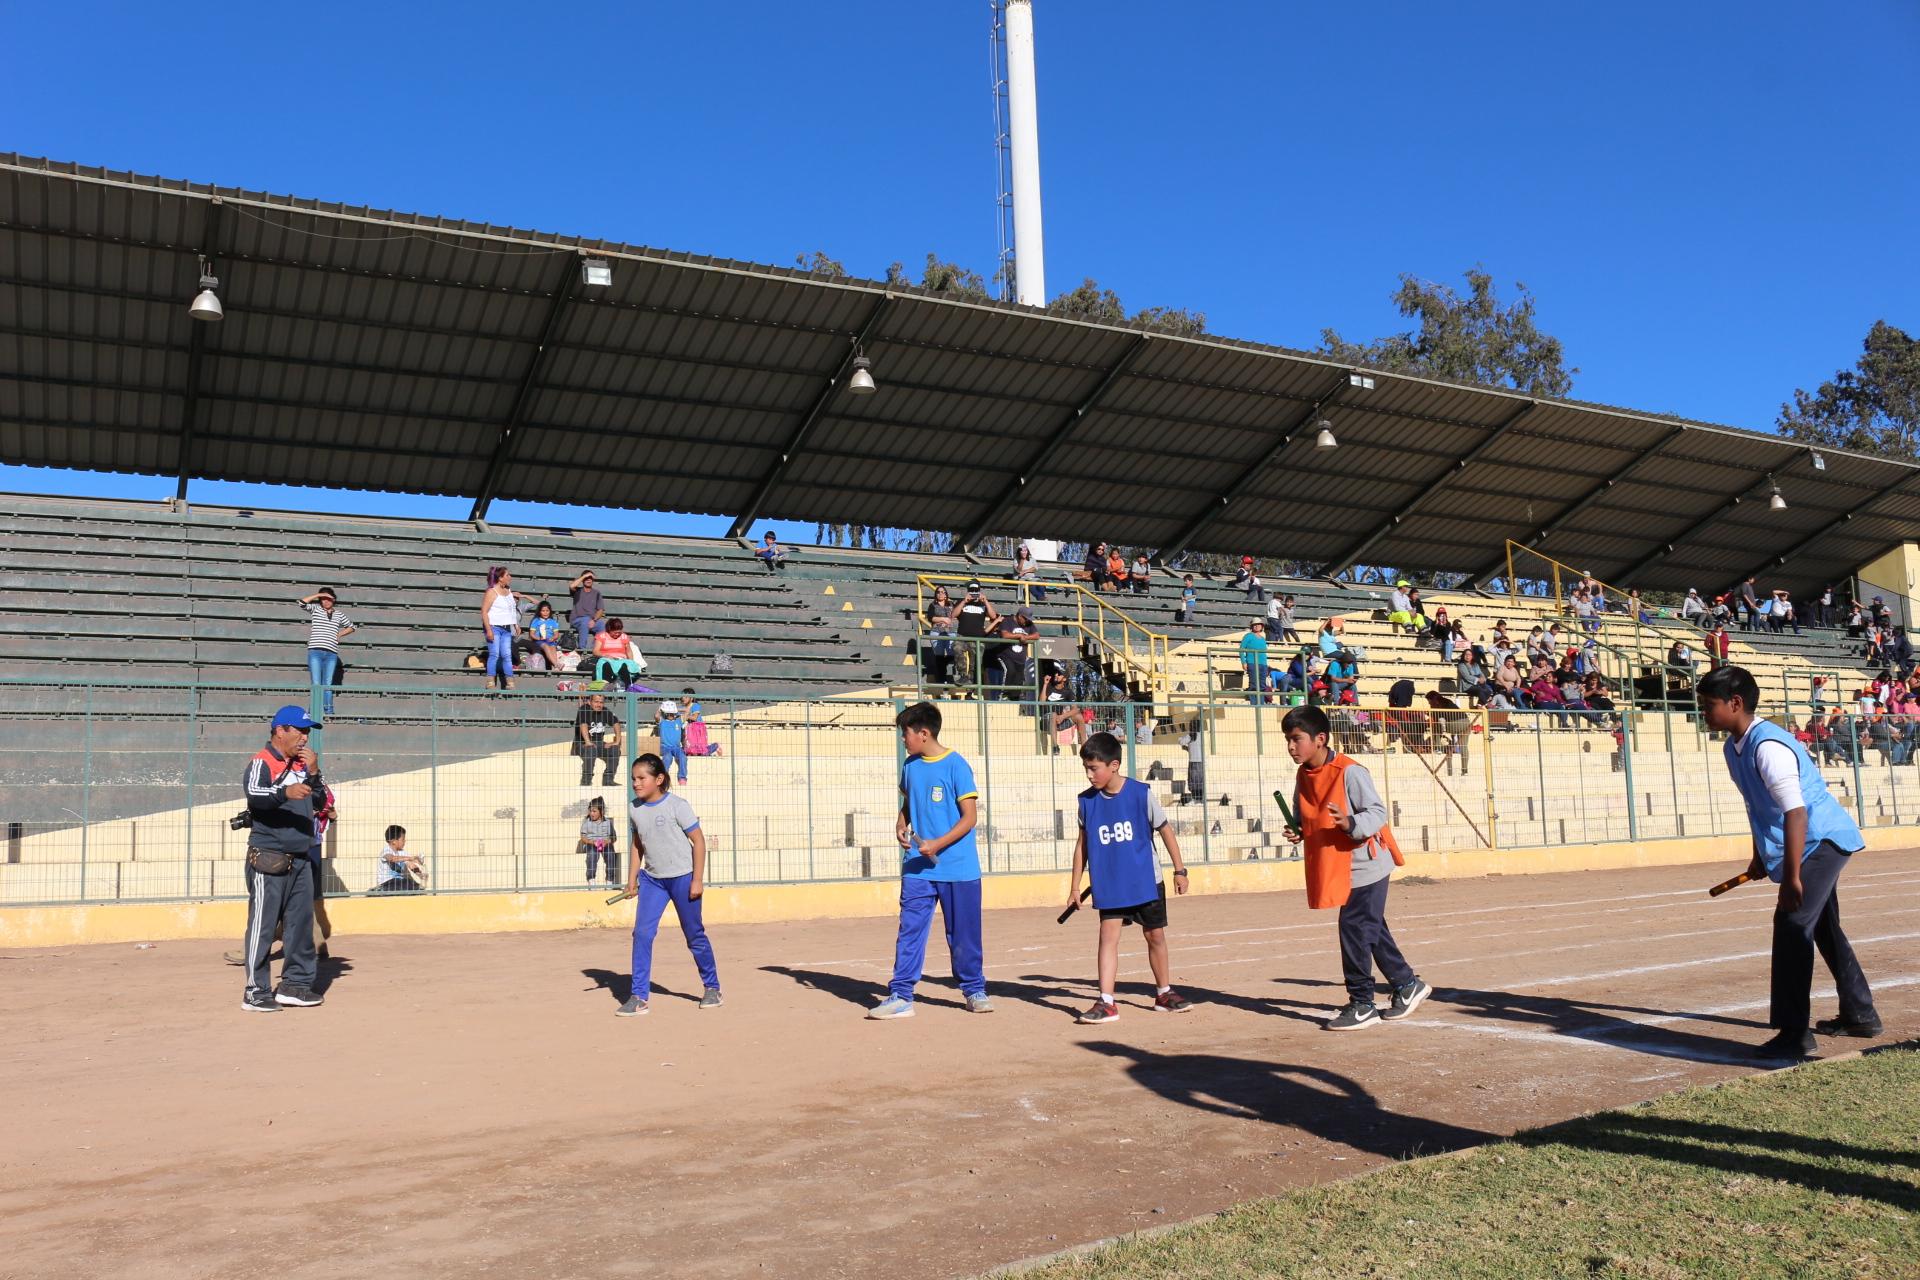 Realizan Olimpiadas Rurales en Vallenar